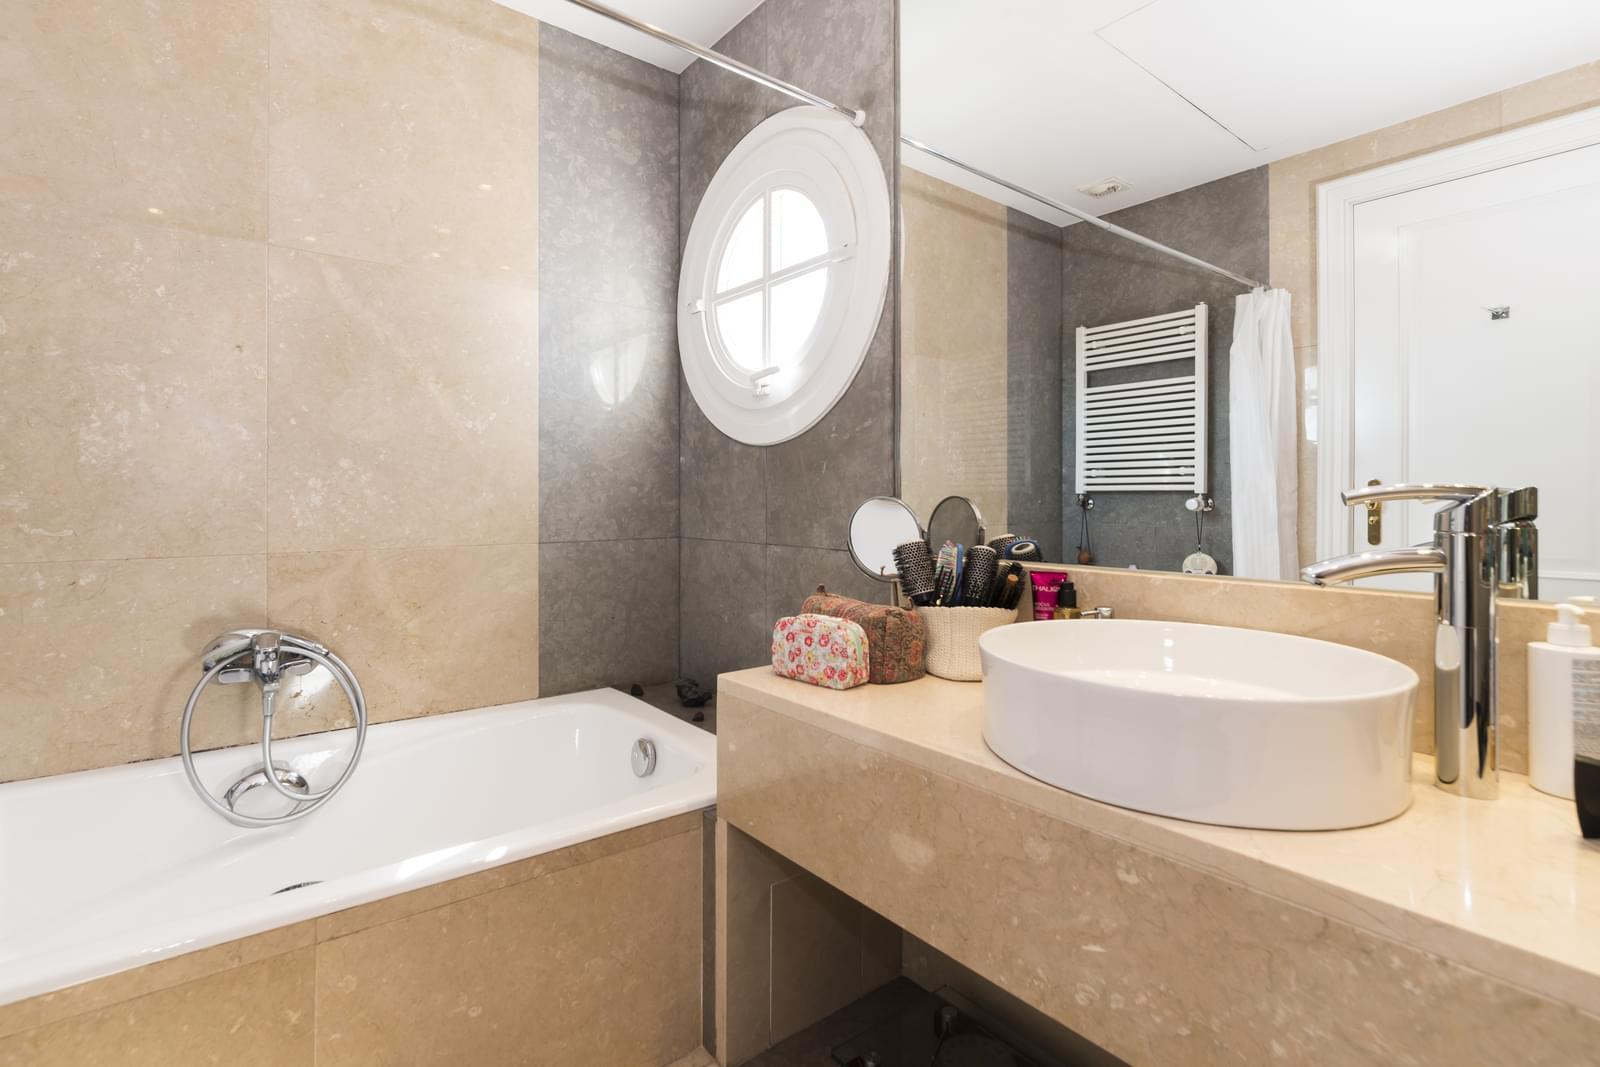 pf18618-apartamento-t4-lisboa-7675928d-29a4-49e1-8db5-47a417bdc94e